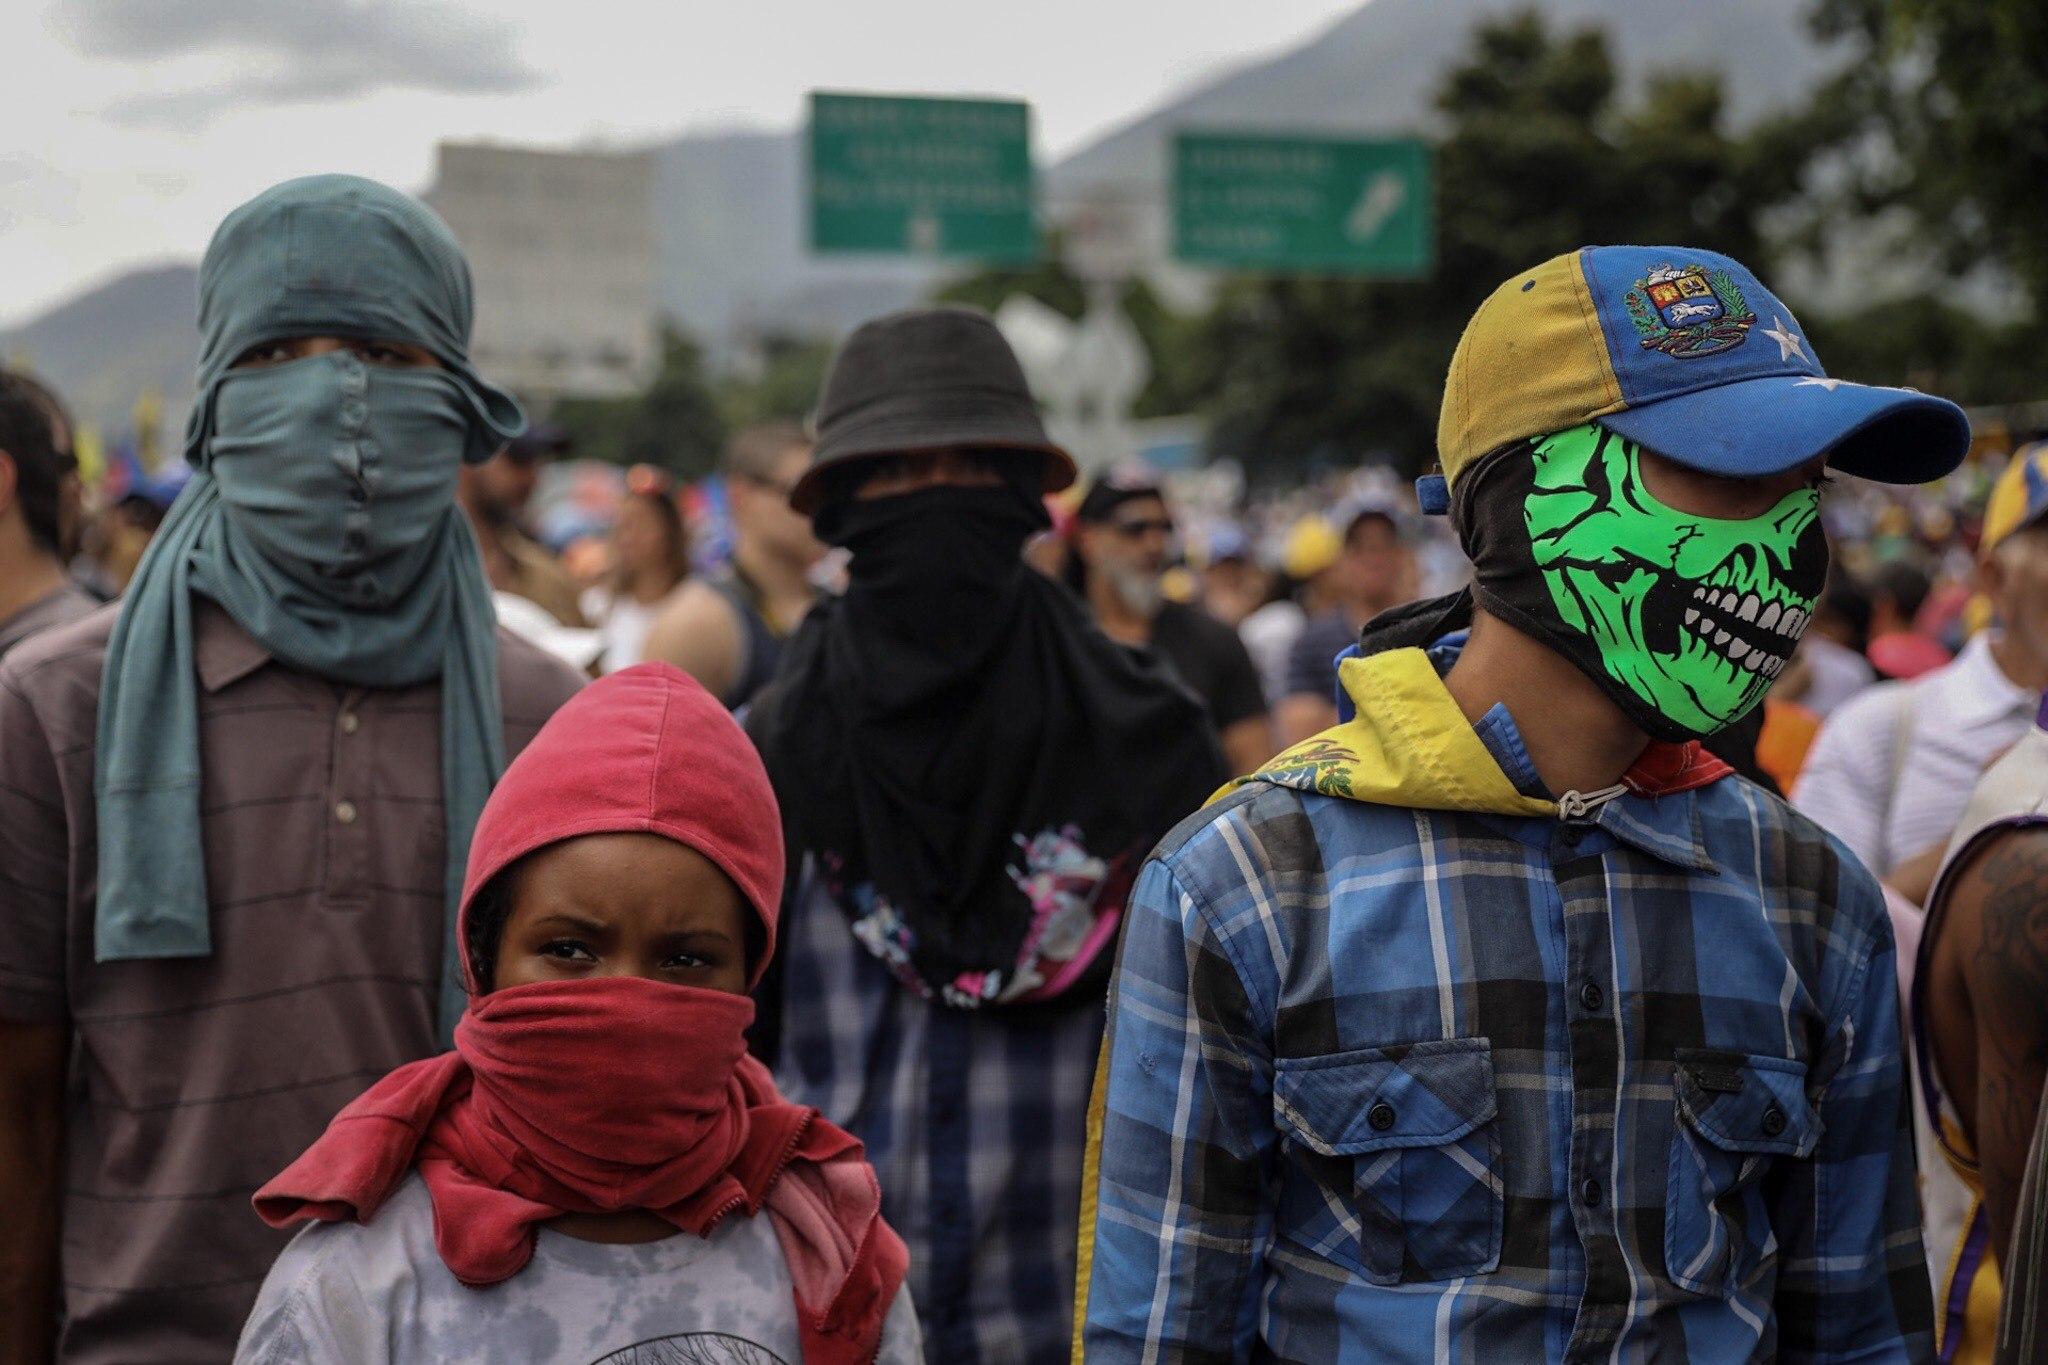 CAR09. CARACAS (VENEZUELA), 01/07/2017.- Manifestantes opositores participan en una marcha hoy, sábado 1 de julio de 2017, en Caracas (Venezuela). La oposición venezolana realiza hoy una concentración en Caracas como protesta contra la solicitud de antejuicio de mérito contra la fiscal de ese país, Luisa Ortega Díaz, que el Tribunal Supremo de Justicia (TSJ) admitió el pasado 20 de junio y con lo que la funcionaria podría ser enjuiciada. La coalición opositora Mesa de la Unidad Democrática (MUD) invitó a las personas a concentrarse en el este de Caracas, específicamente en la autopista Francisco Fajardo, principal arteria vial de la capital, a la altura de Los Ruices. EFE/Miguel Gutiérrez